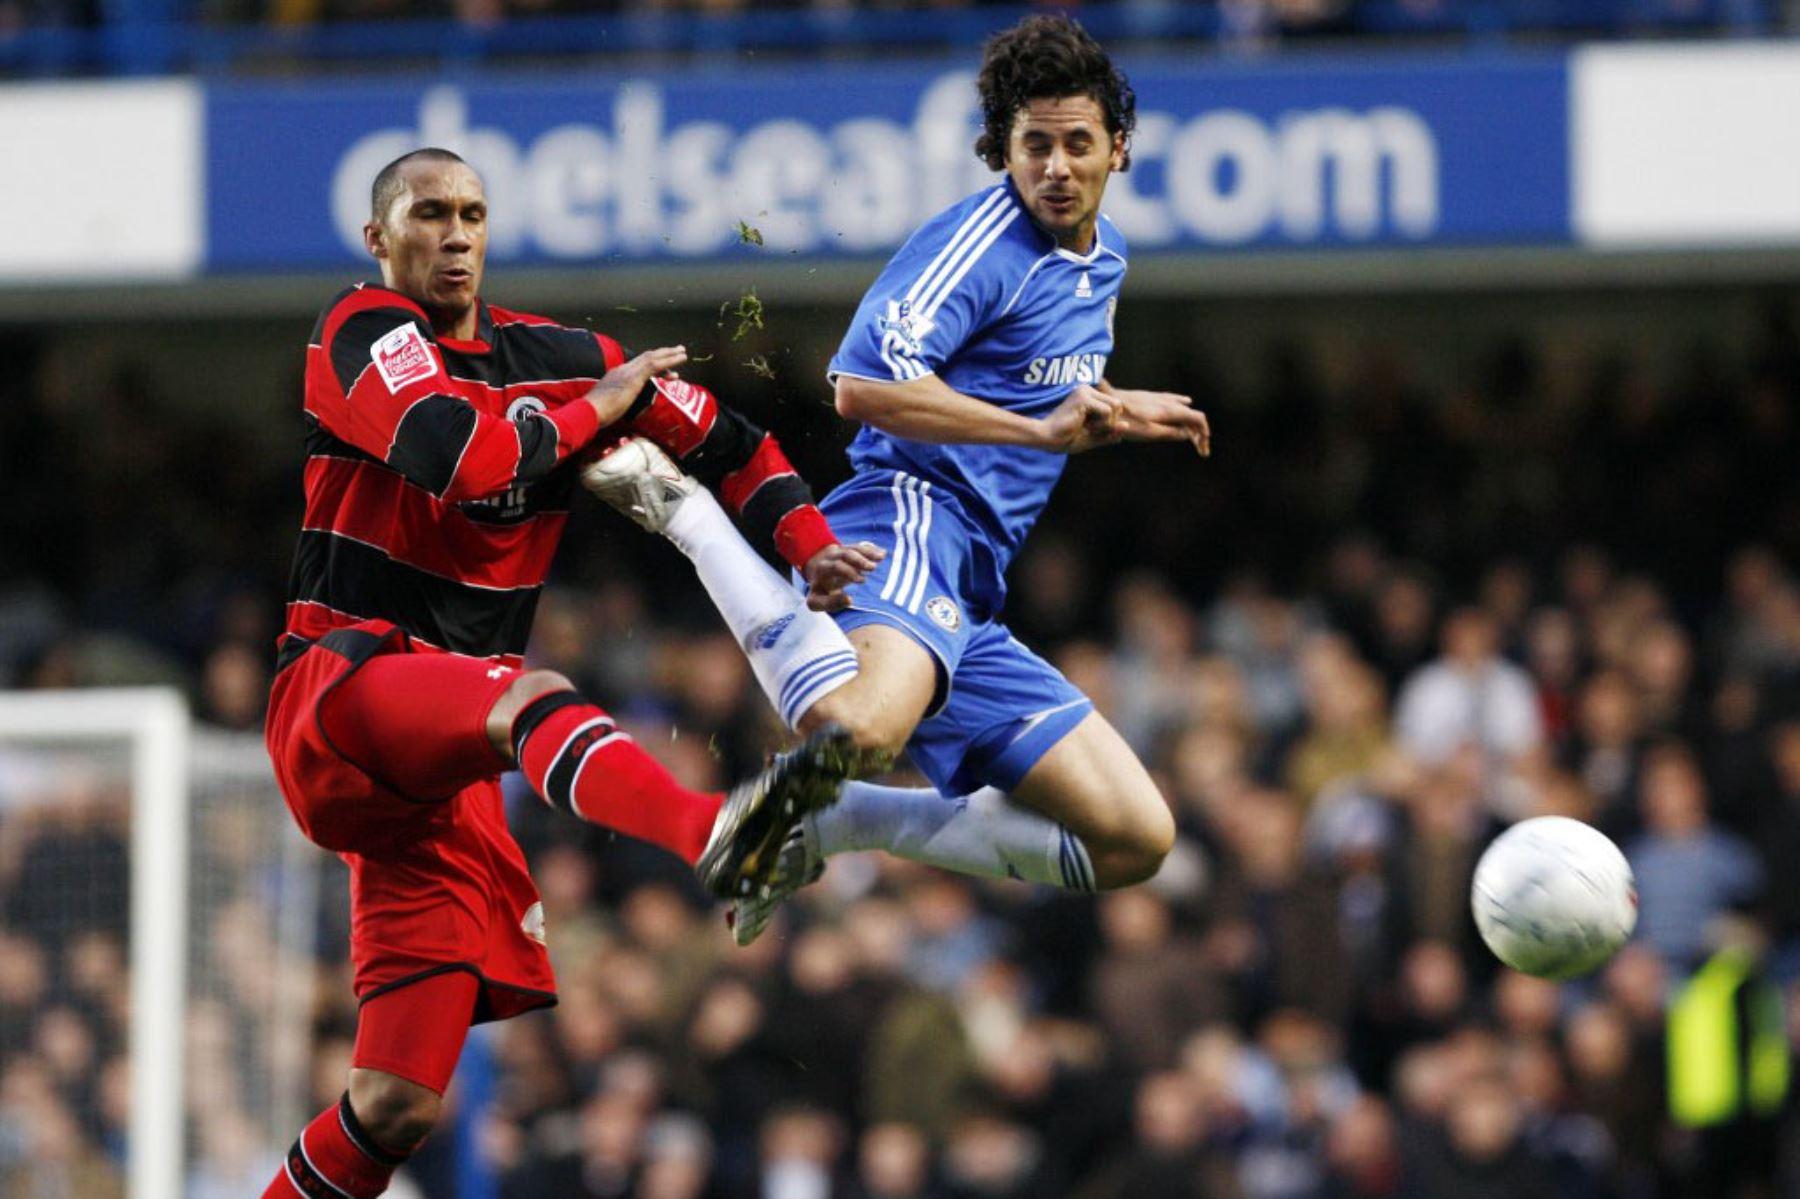 El peruano Claudio Pizarro del Chelsea intenta tirar la pelota bajo un desafío de Fitz Hall  de Queens Park Rangers durante el partido de fútbol de la tercera ronda de la Copa FA en Stamford Bridge en Londres. Foto: AFP